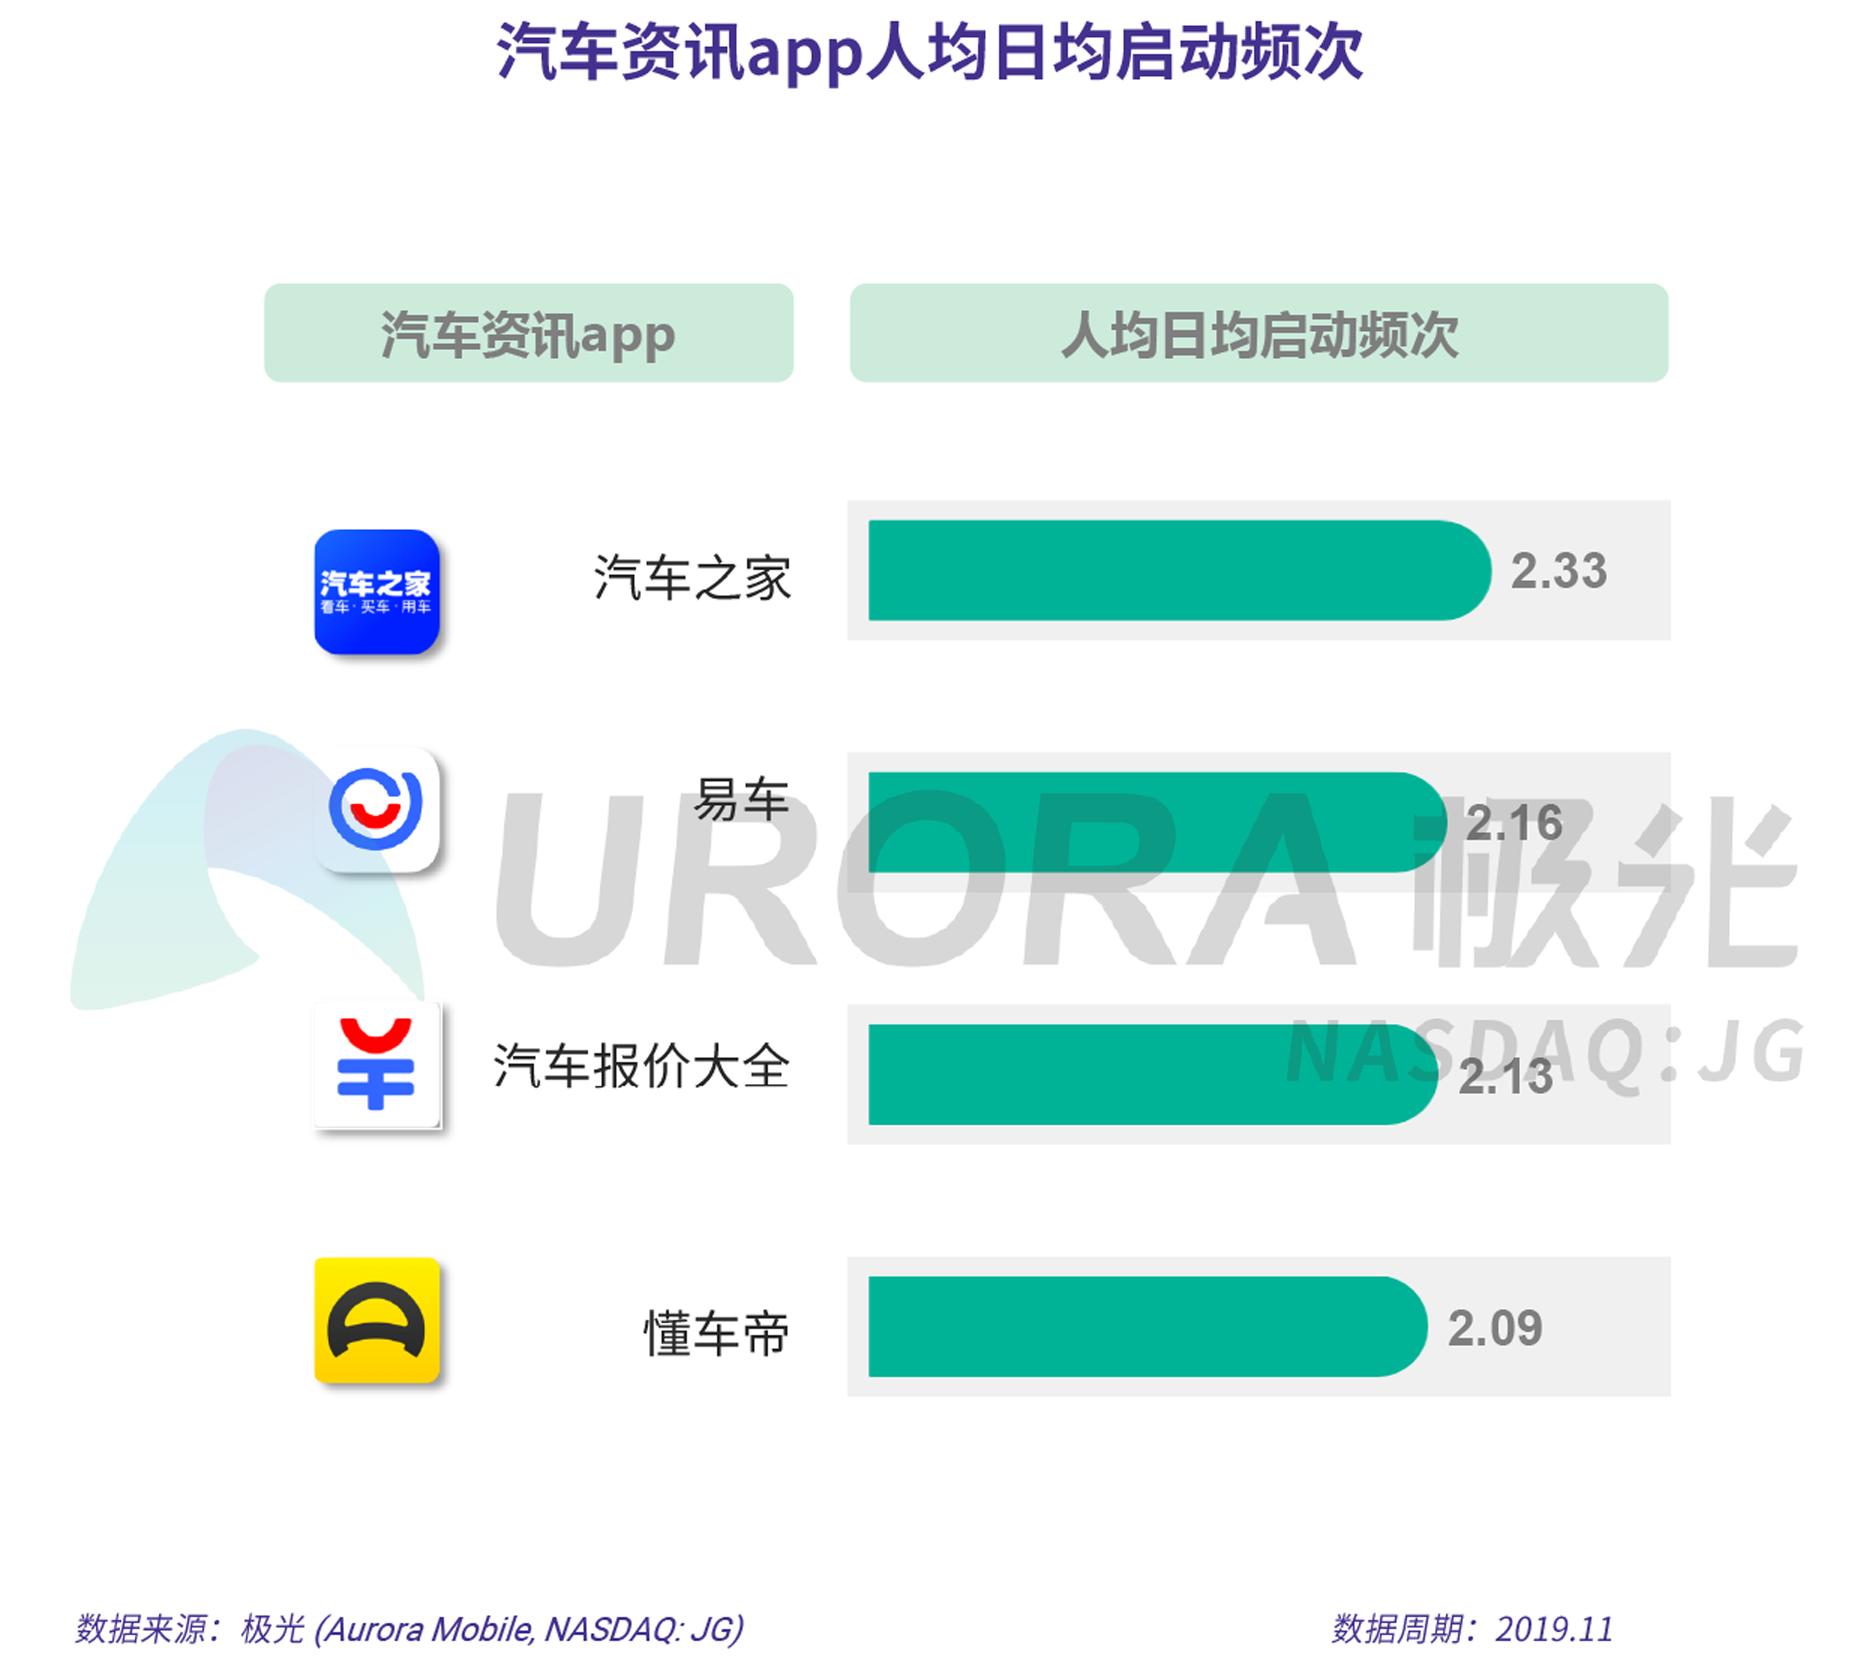 2019汽车资讯行业研究报告--审核版-11.png